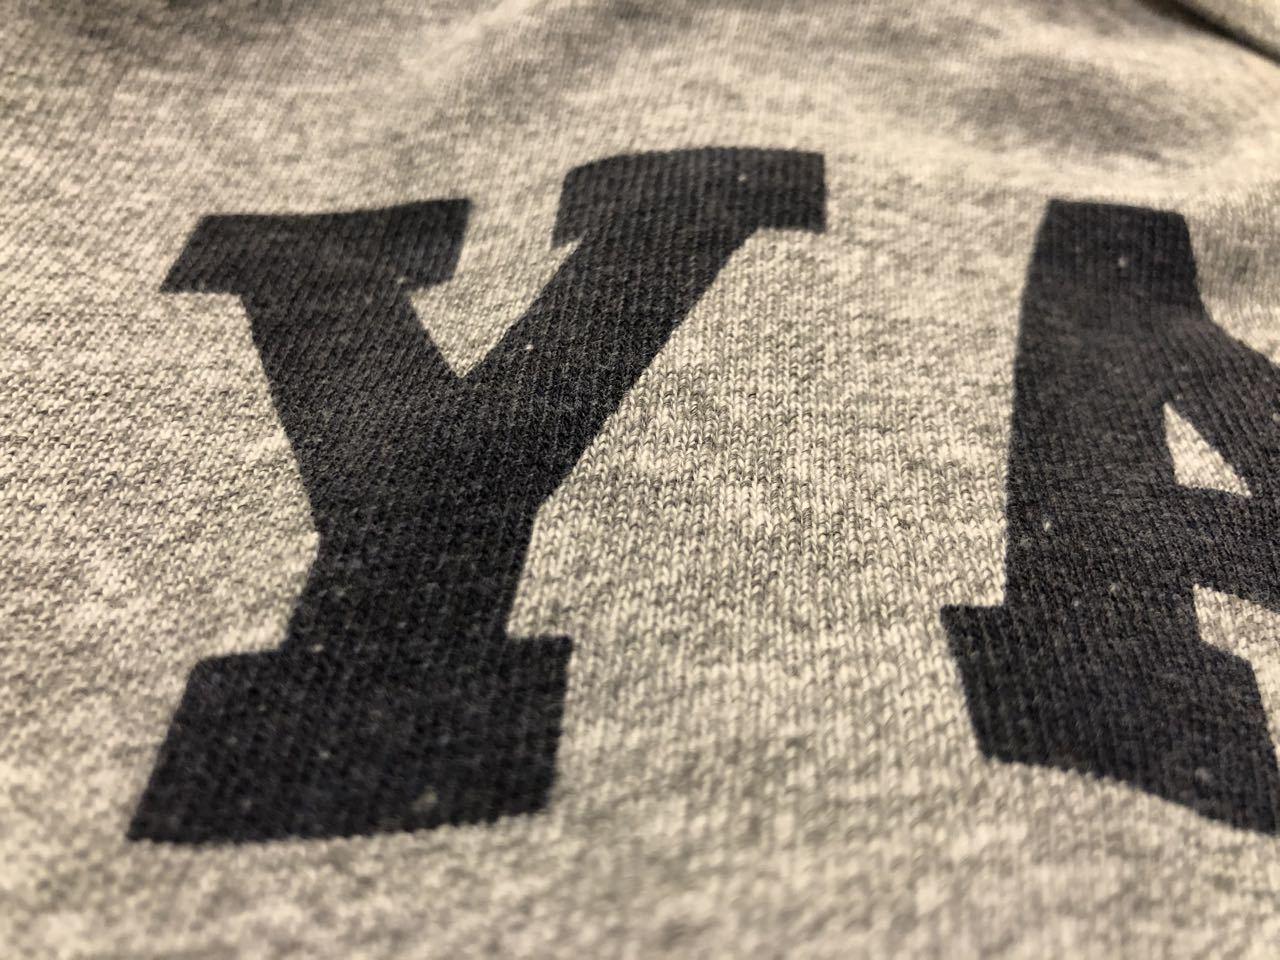 7月12日(日)入荷! 80s チャンピオン トリコタグ champion IVYリーグ  YALE 大学 染み込みプリントTシャツ_c0144020_13071906.jpg